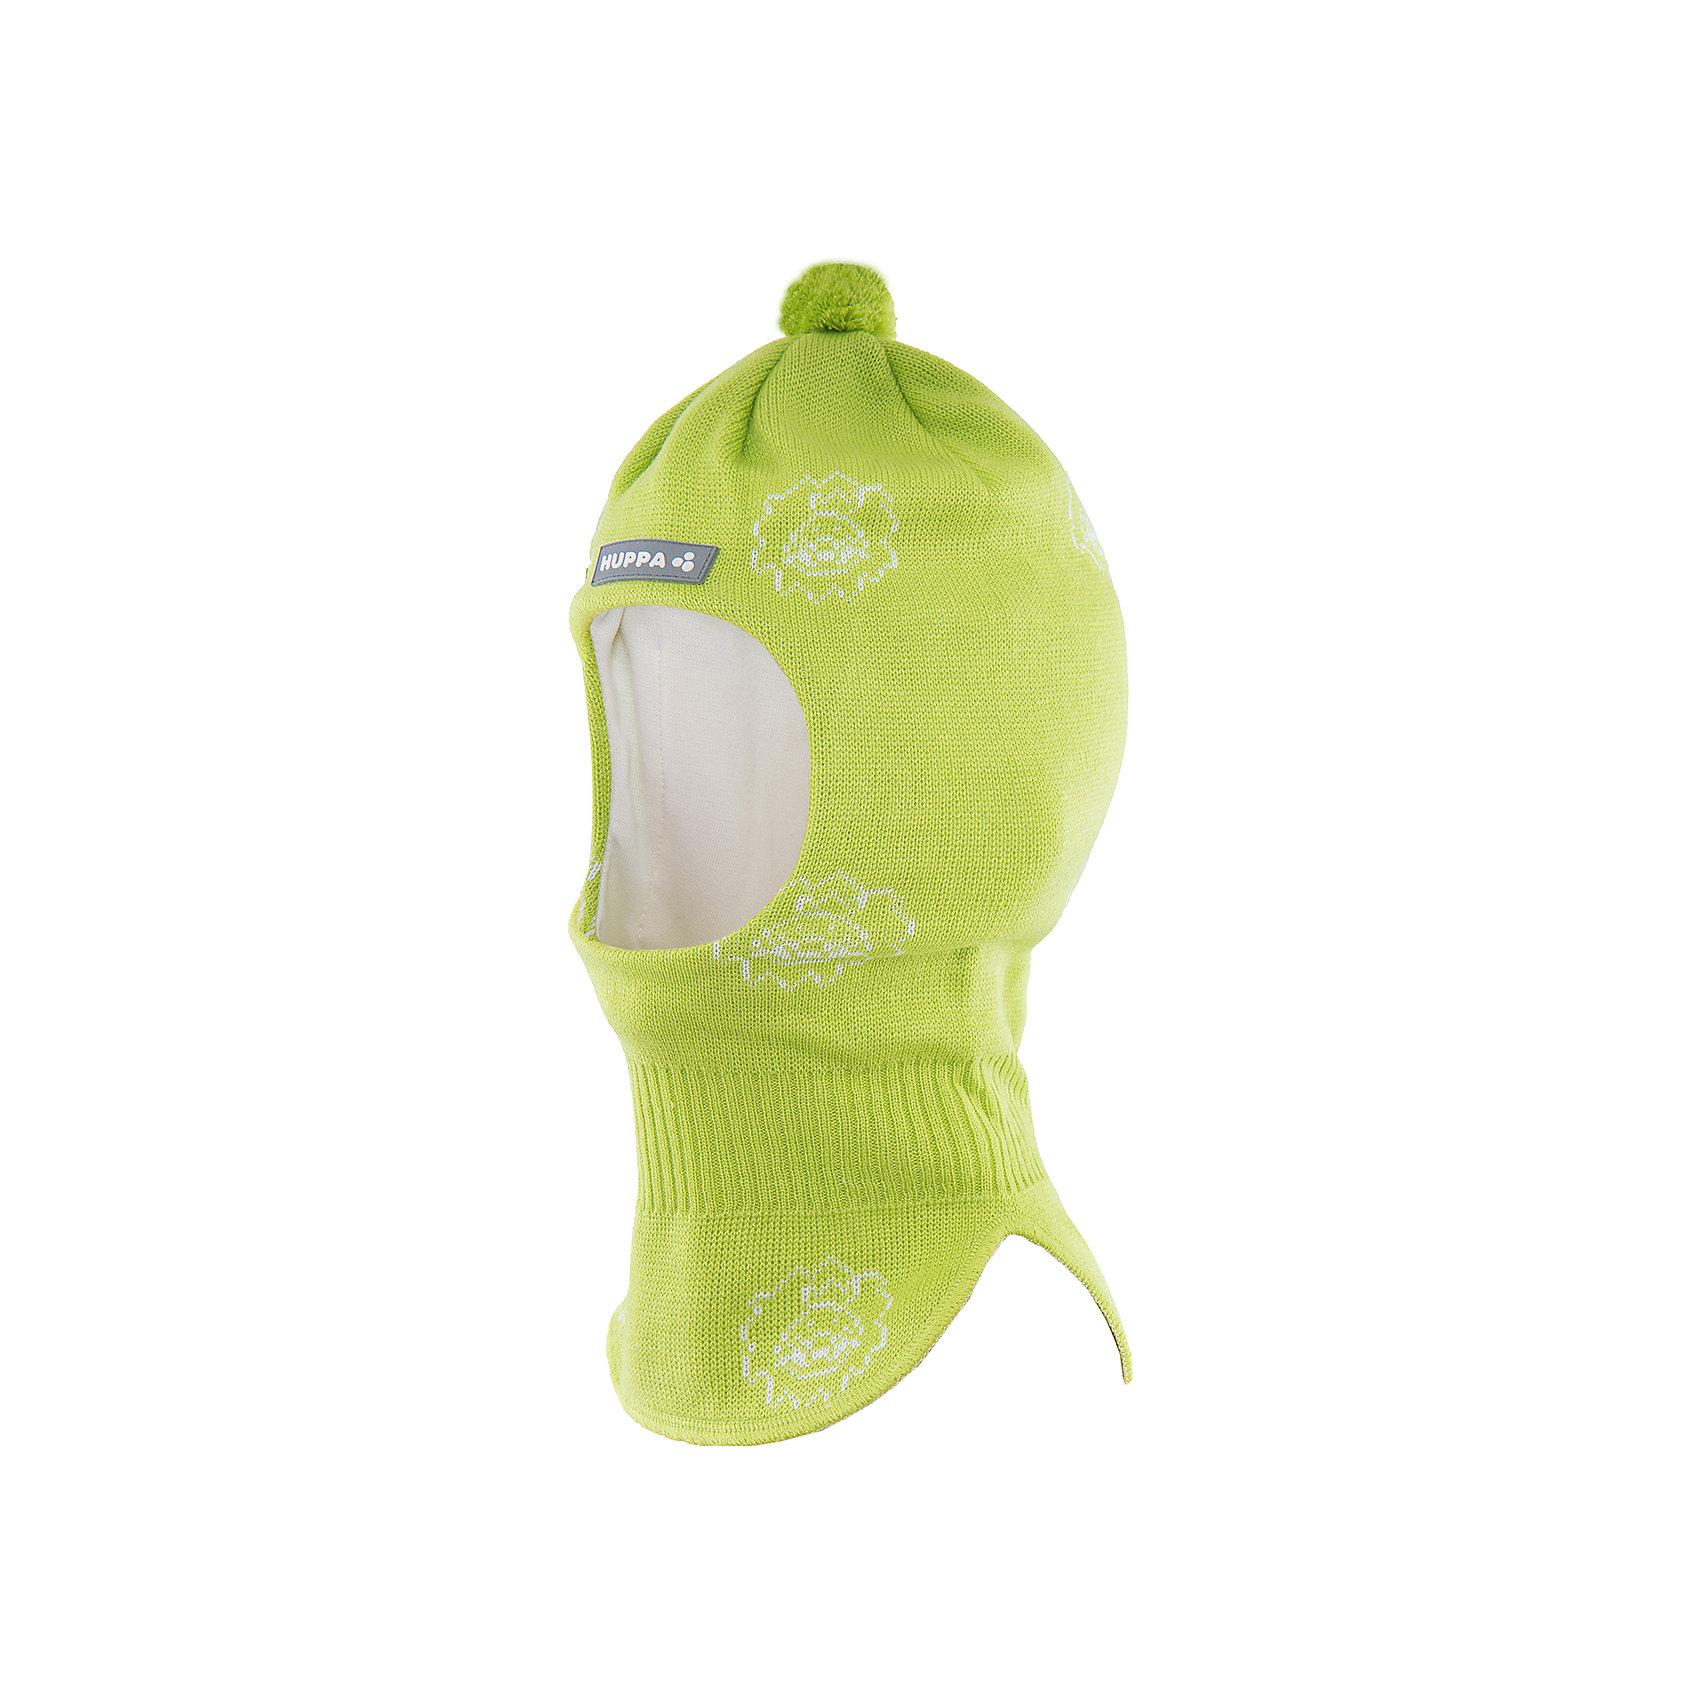 Шапка-шлем   HuppaЗимние<br>Шапка-шлем KELDA Huppa(Хуппа) изготовлена из шерсти мериноса и акрила и отлично подойдет для холодной зимы. Она защитит голову, шею и уши ребенка от холода и ветра. В области шеи есть удобная широкая резинка для максимальной защиты от мороза. Шапка украшена помпоном и рисунком. Прекрасный вариант для долгих прогулок.<br><br>Дополнительная информация:<br>Материал: 50% шерсть мериноса, 50% акрил<br>Подкладка: хлопок<br>Цвет: салатовый<br><br>Шапку-шлем KELDA  Huppa(Хуппа) можно приобрести в нашем интернет-магазине.<br><br>Ширина мм: 89<br>Глубина мм: 117<br>Высота мм: 44<br>Вес г: 155<br>Цвет: зеленый<br>Возраст от месяцев: 9<br>Возраст до месяцев: 12<br>Пол: Унисекс<br>Возраст: Детский<br>Размер: 43-45,47-49,51-53<br>SKU: 4923886